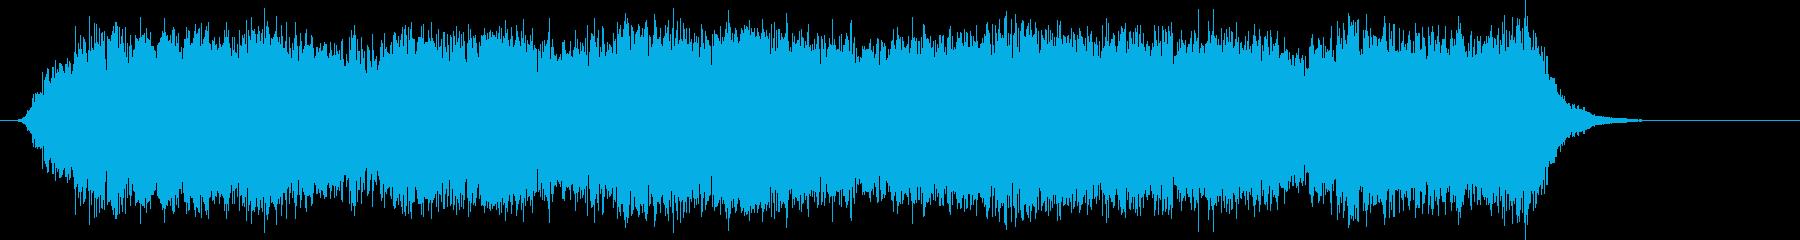 オーケストラのような構成の力強いポップスの再生済みの波形